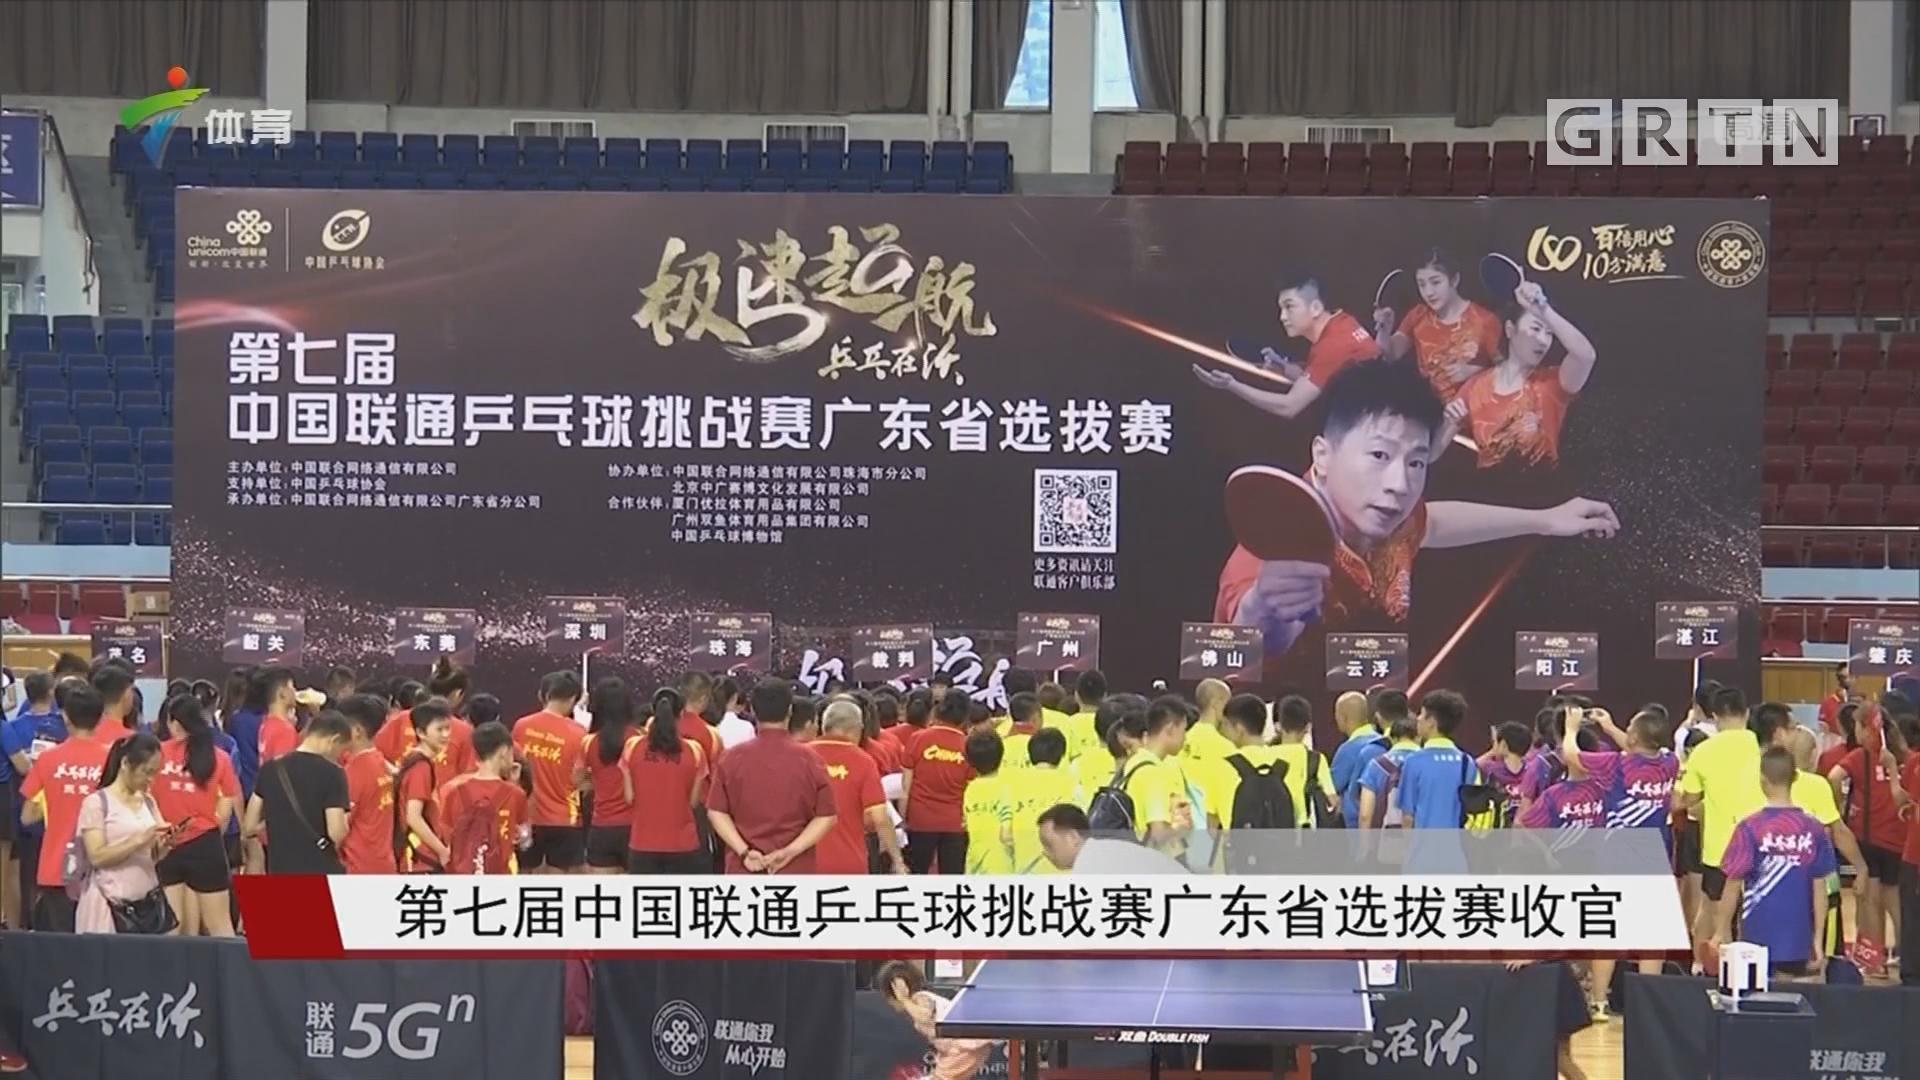 第七届中国联通乒乓球挑战赛广东省选拔赛收官